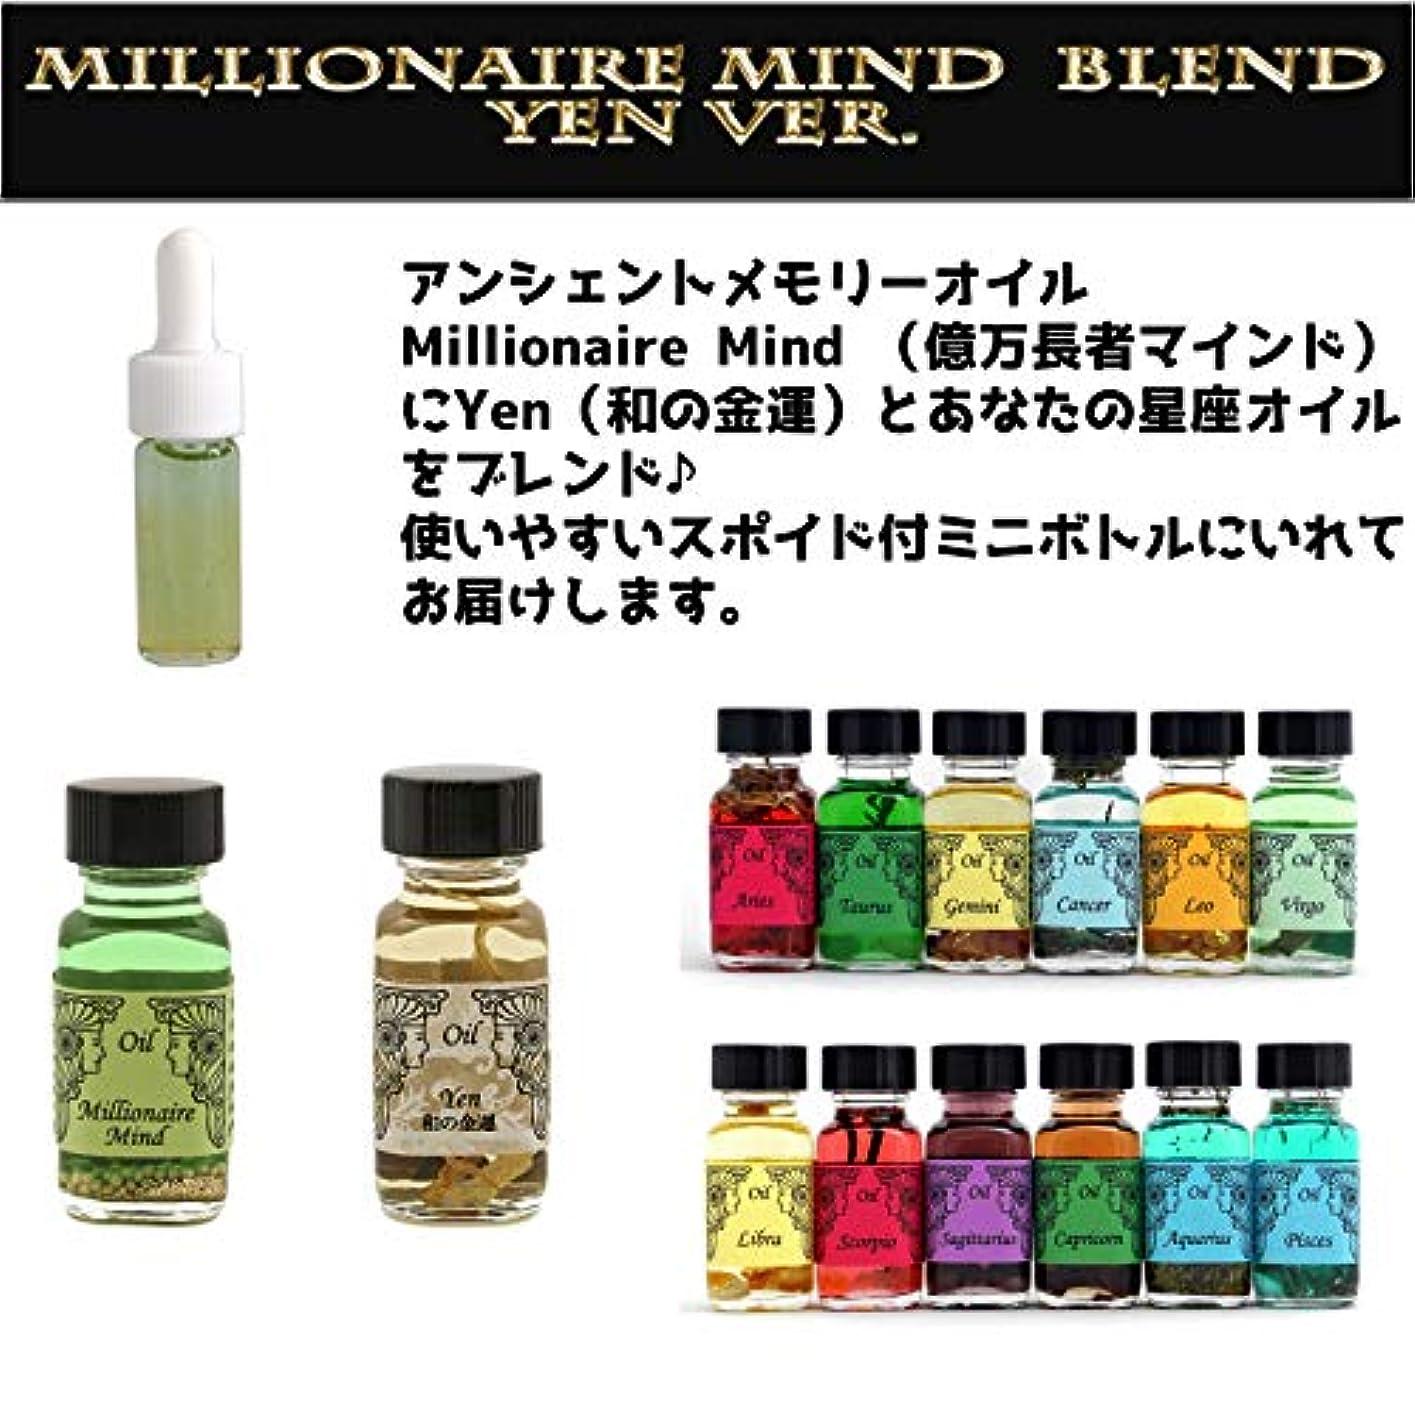 ディスクリードカラスアンシェントメモリーオイル Millionaire Mind 億万長者マインド ブレンド【Yen 和の金運&おとめ座】